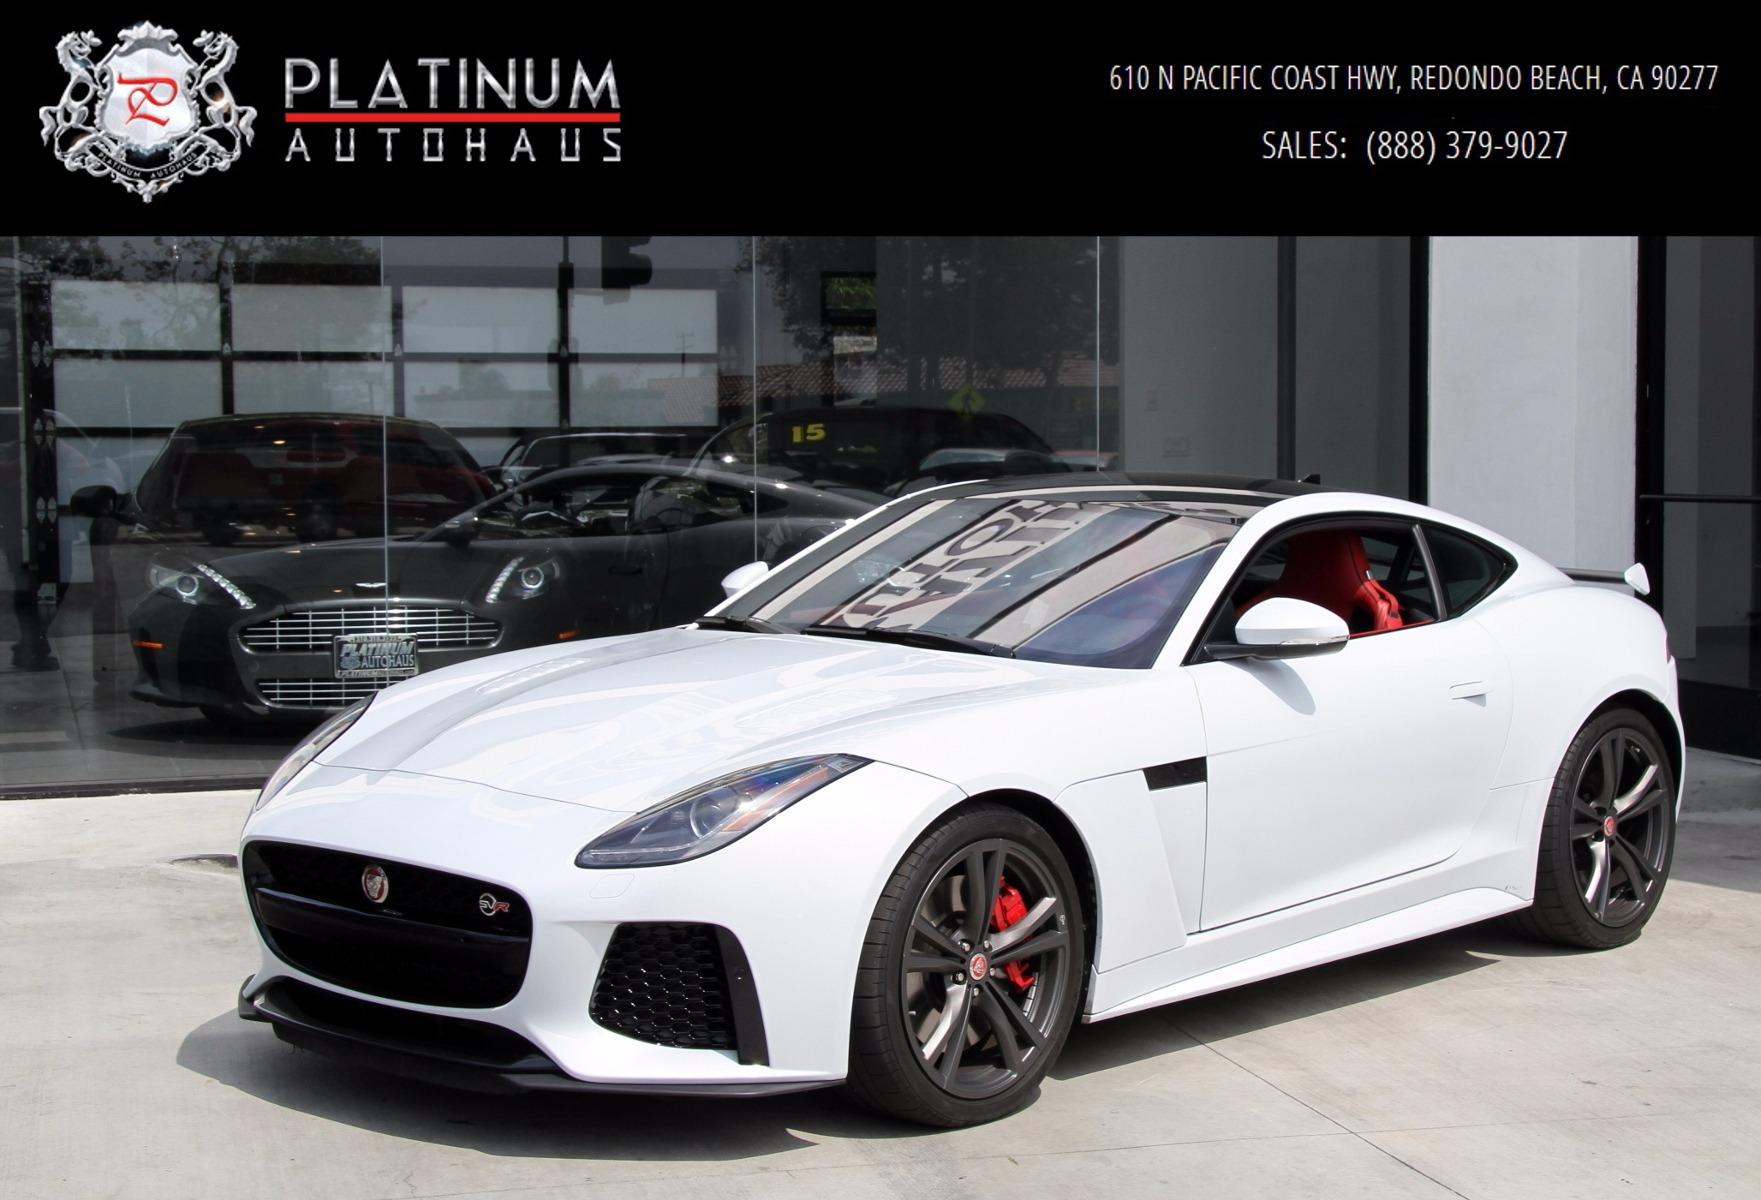 2017 jaguar f-type svr ** msrp $133,669 ** stock # k41723 for sale